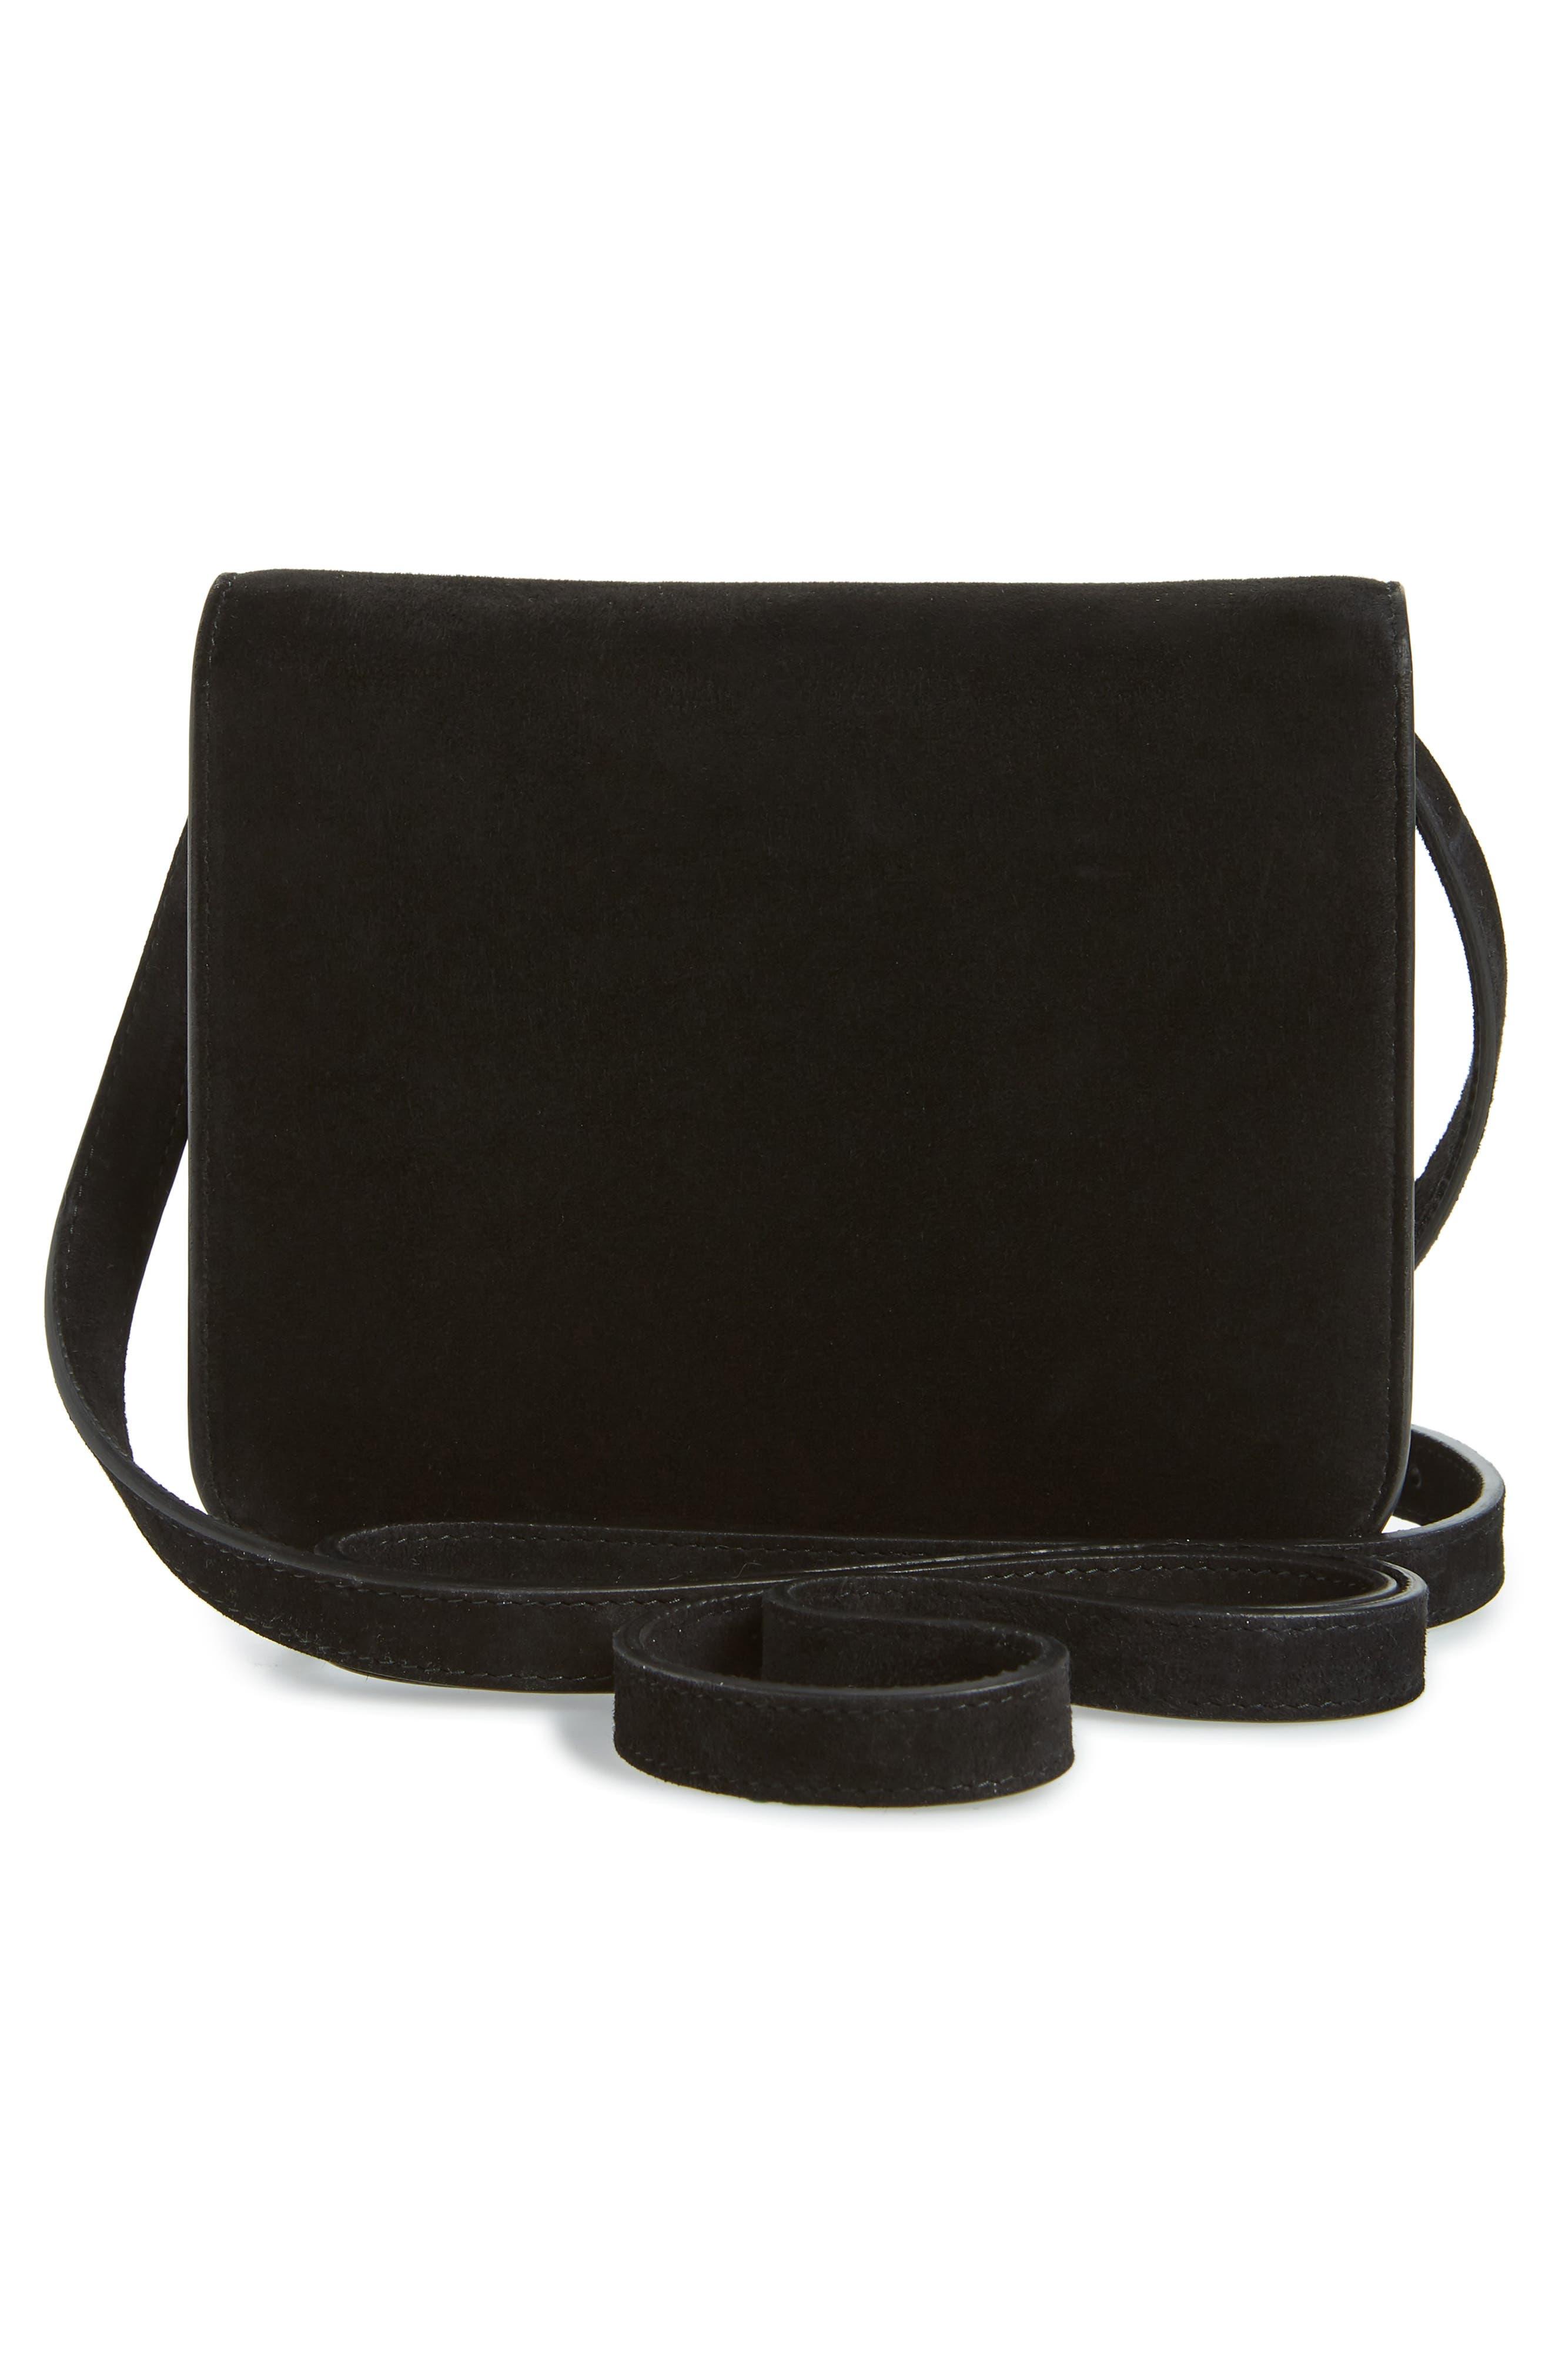 VICTORIA BECKHAM,                             Eva Calfskin Suede Shoulder Bag,                             Alternate thumbnail 3, color,                             BLACK